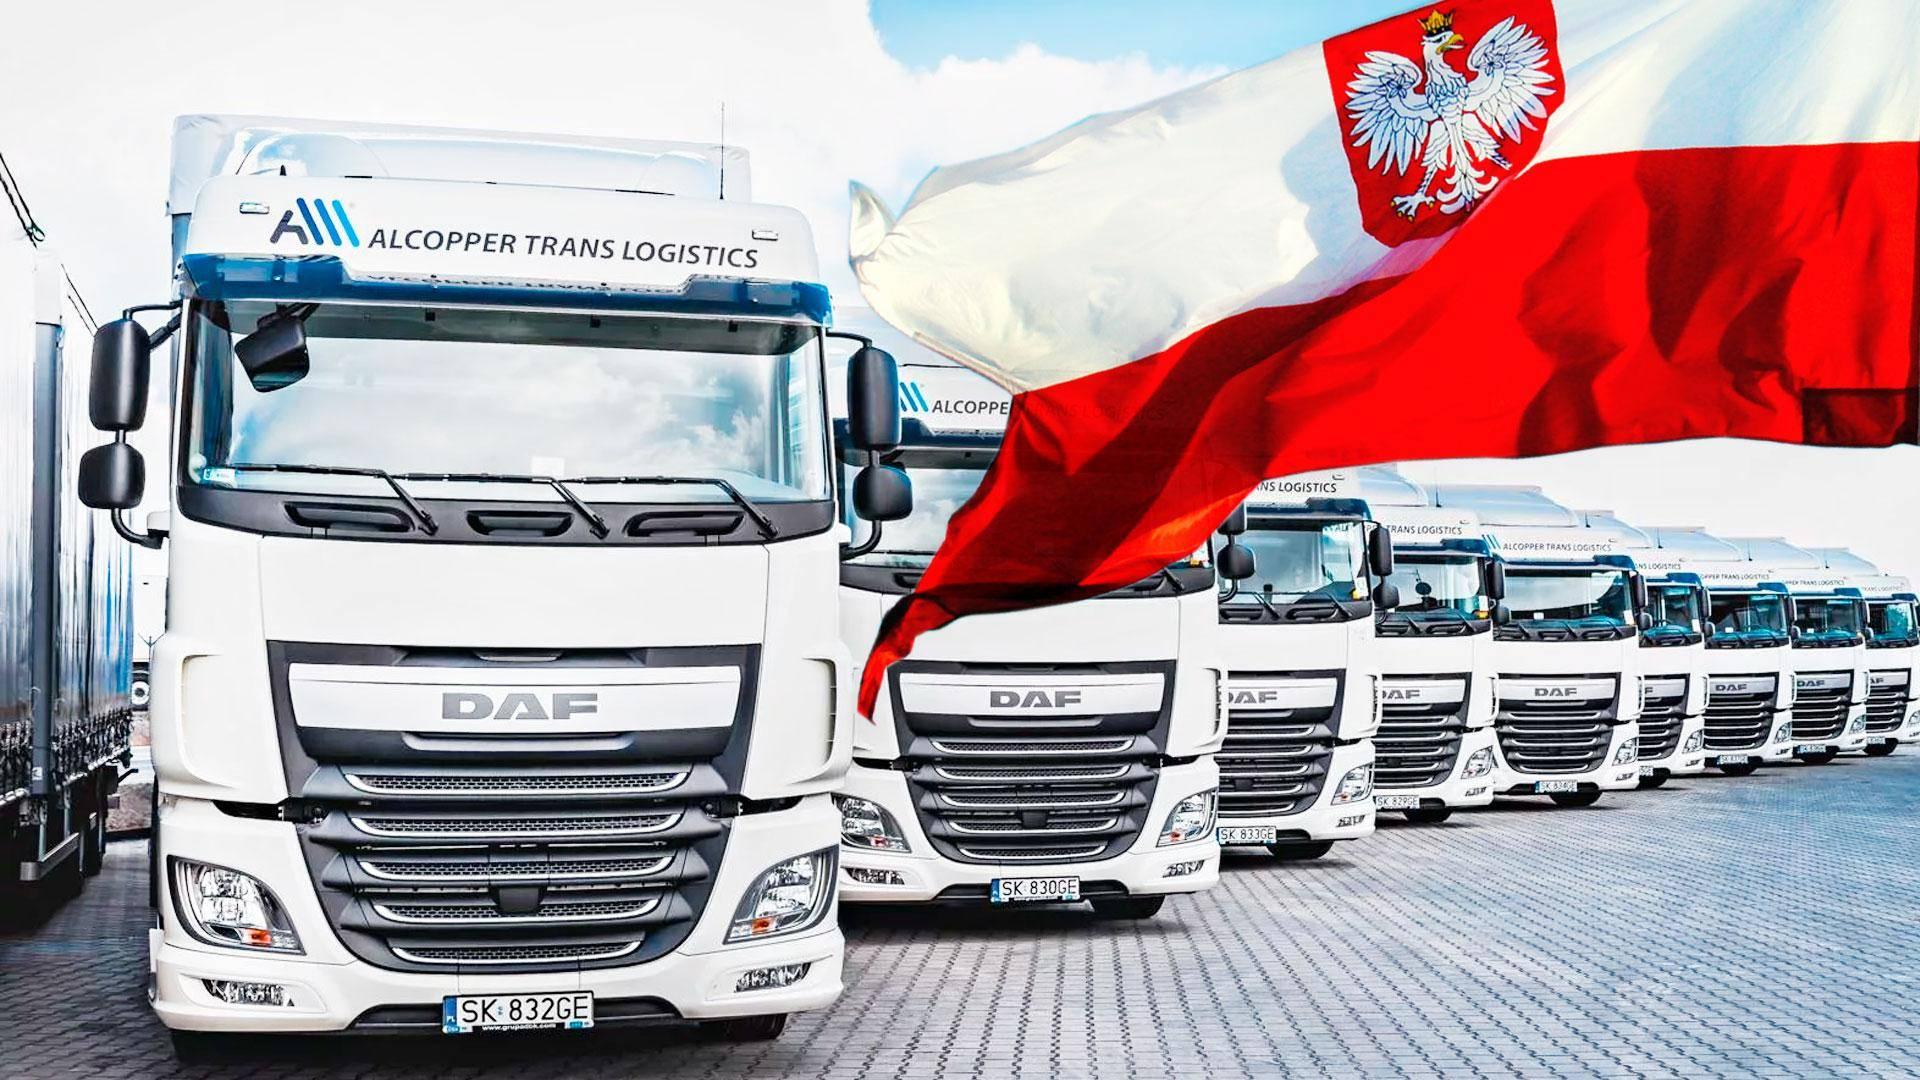 Работа в польше водителем международником без посредников для белорусов и украинцев: поиск вакансий для дальнобойщиков кат ce без посредников, без опыта